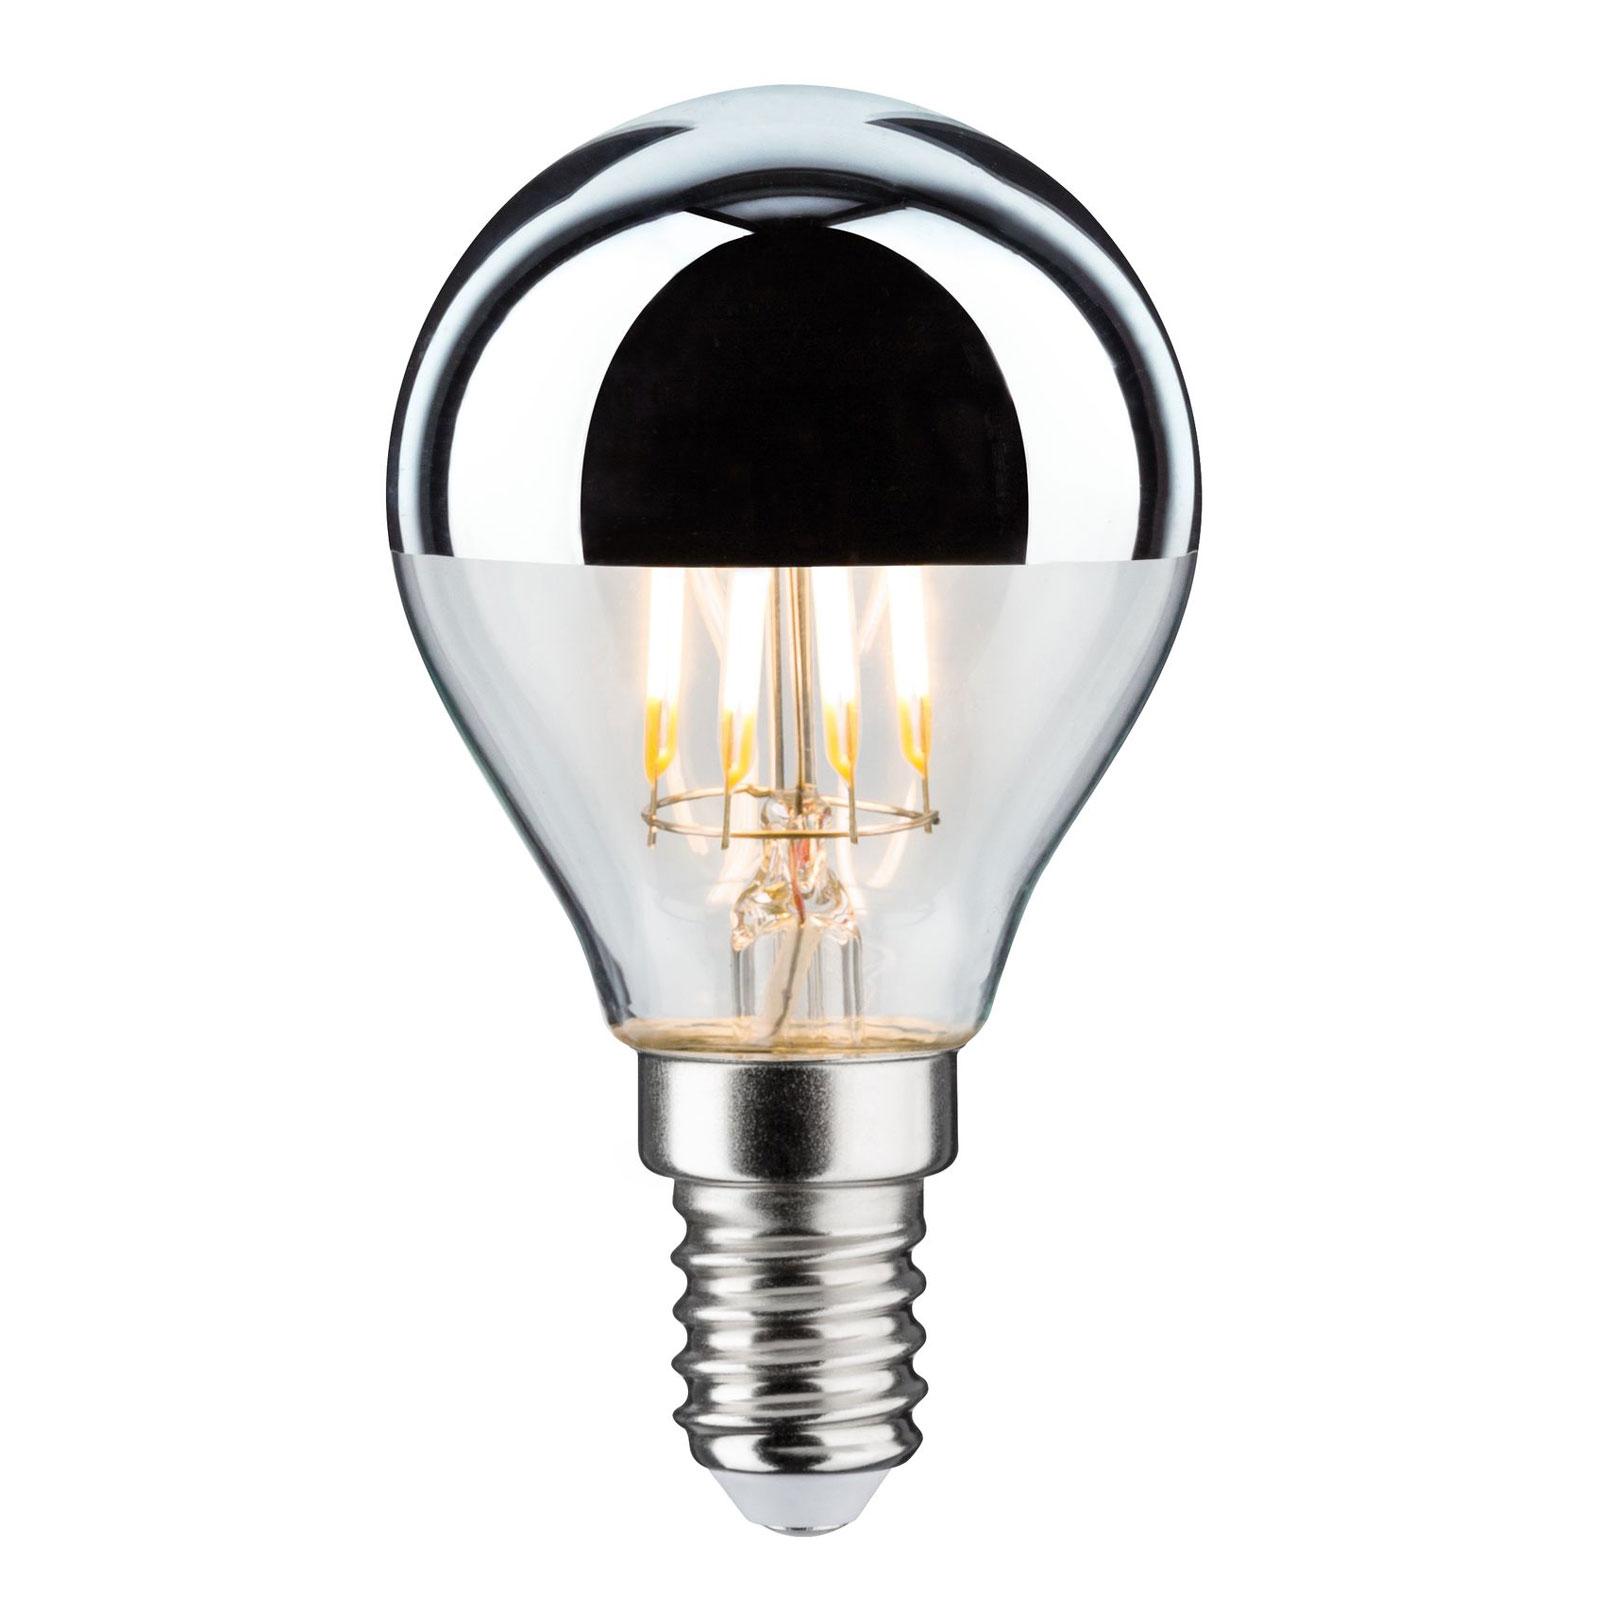 Acquista Lampadina LED E14 827 dicroica argento 4,8W